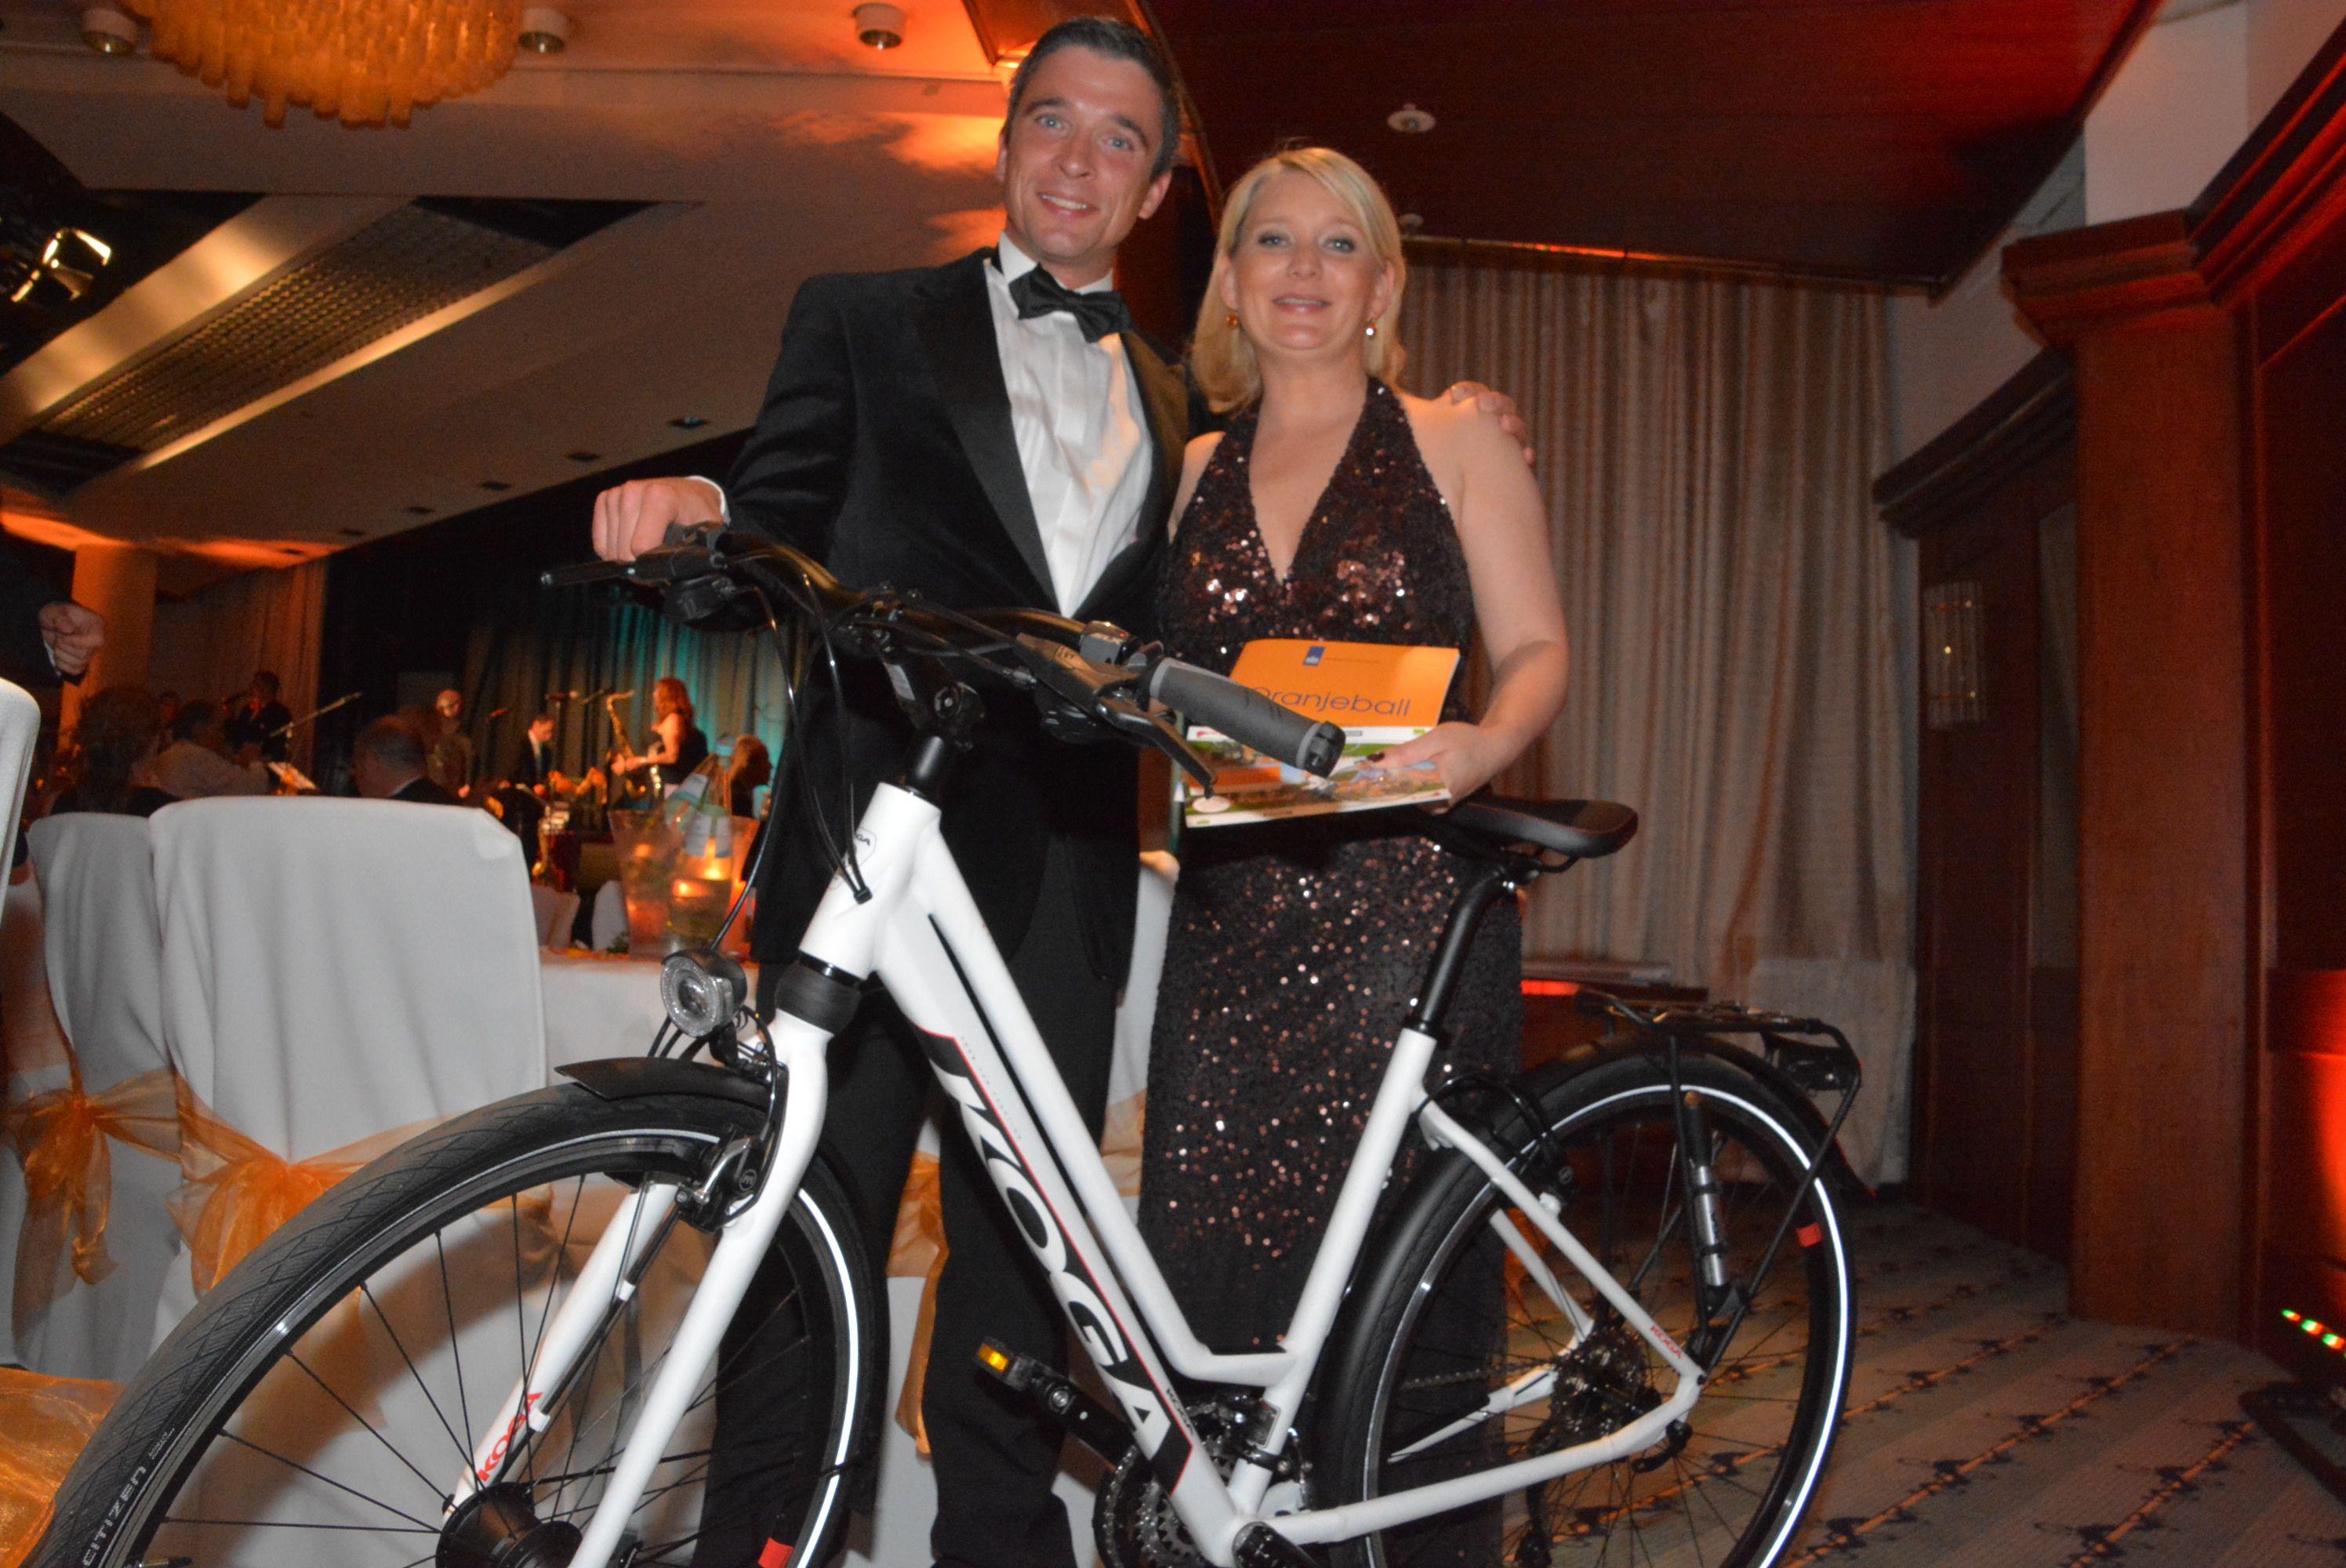 Hauptgewinn: Anouk Susan mit dem Gewinner eines Fahrrades aus dem Hause Koga